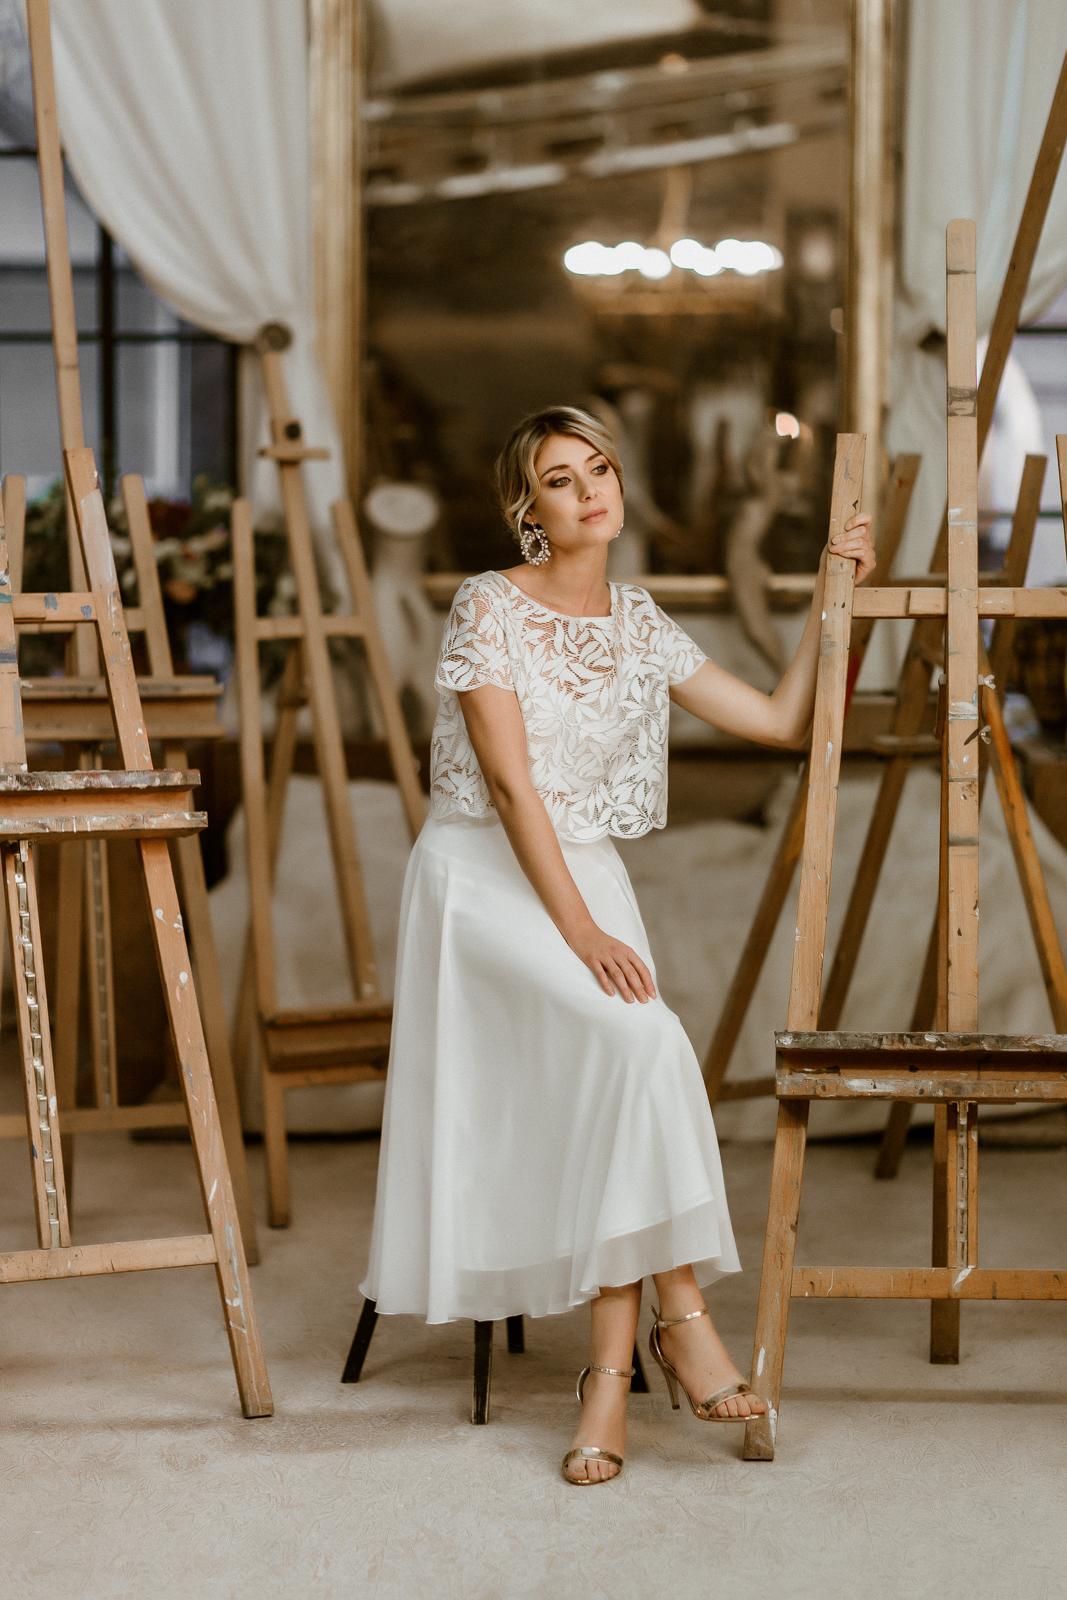 Zweiteiliges Midi-Brautkleid mit Botanik-Top und Chiffonrock, Vorderansicht, Modell sitzend